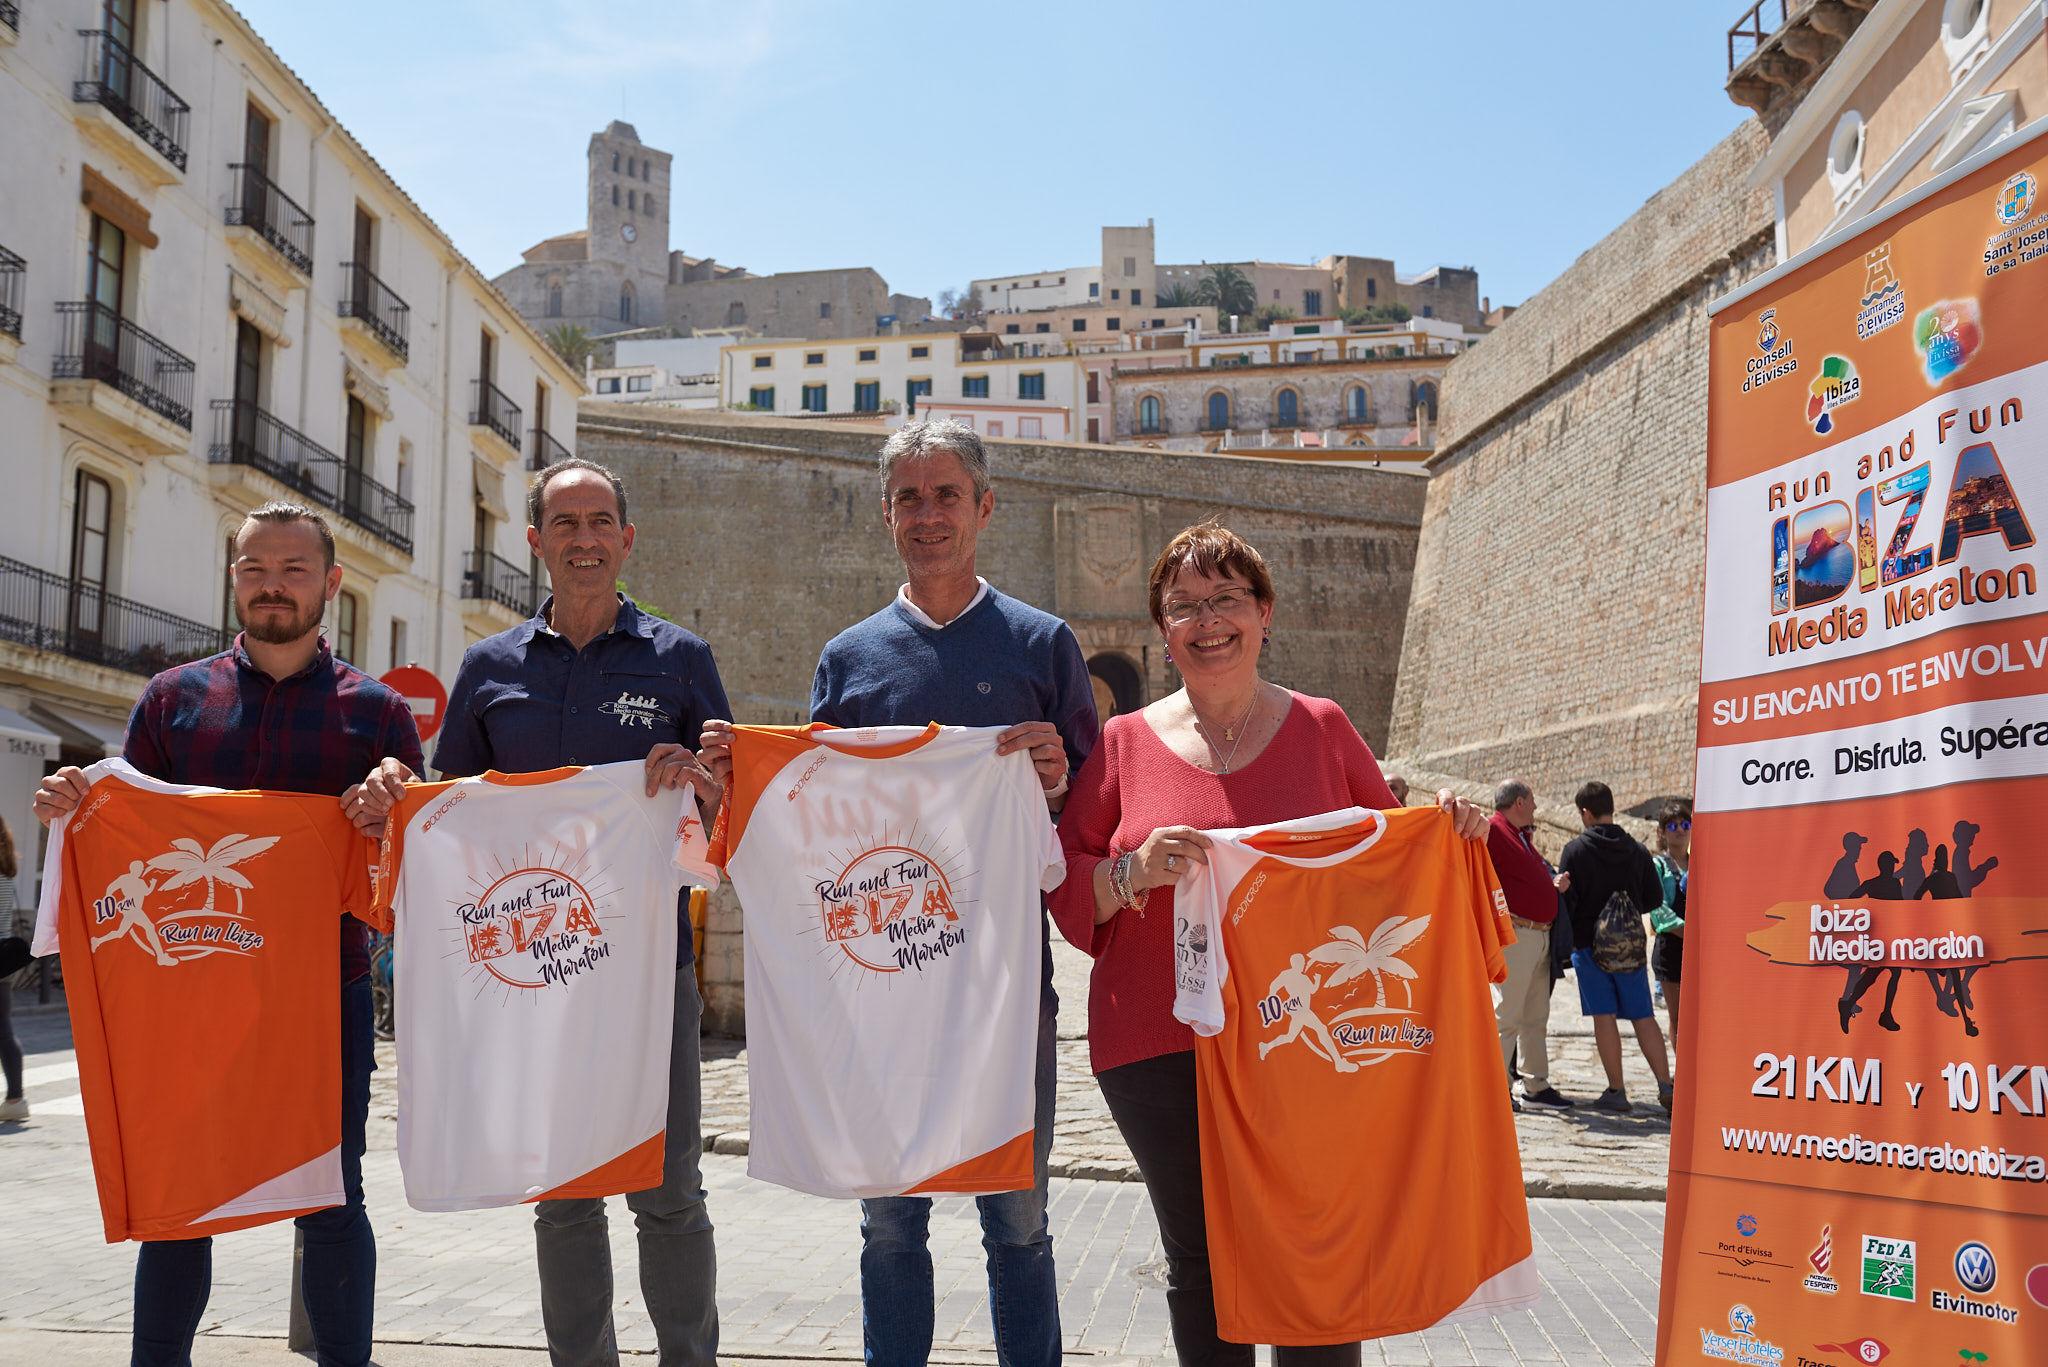 Martín Fiz Presenta Oficialmente La Séptima Edición De La Ibiza Media Maratón